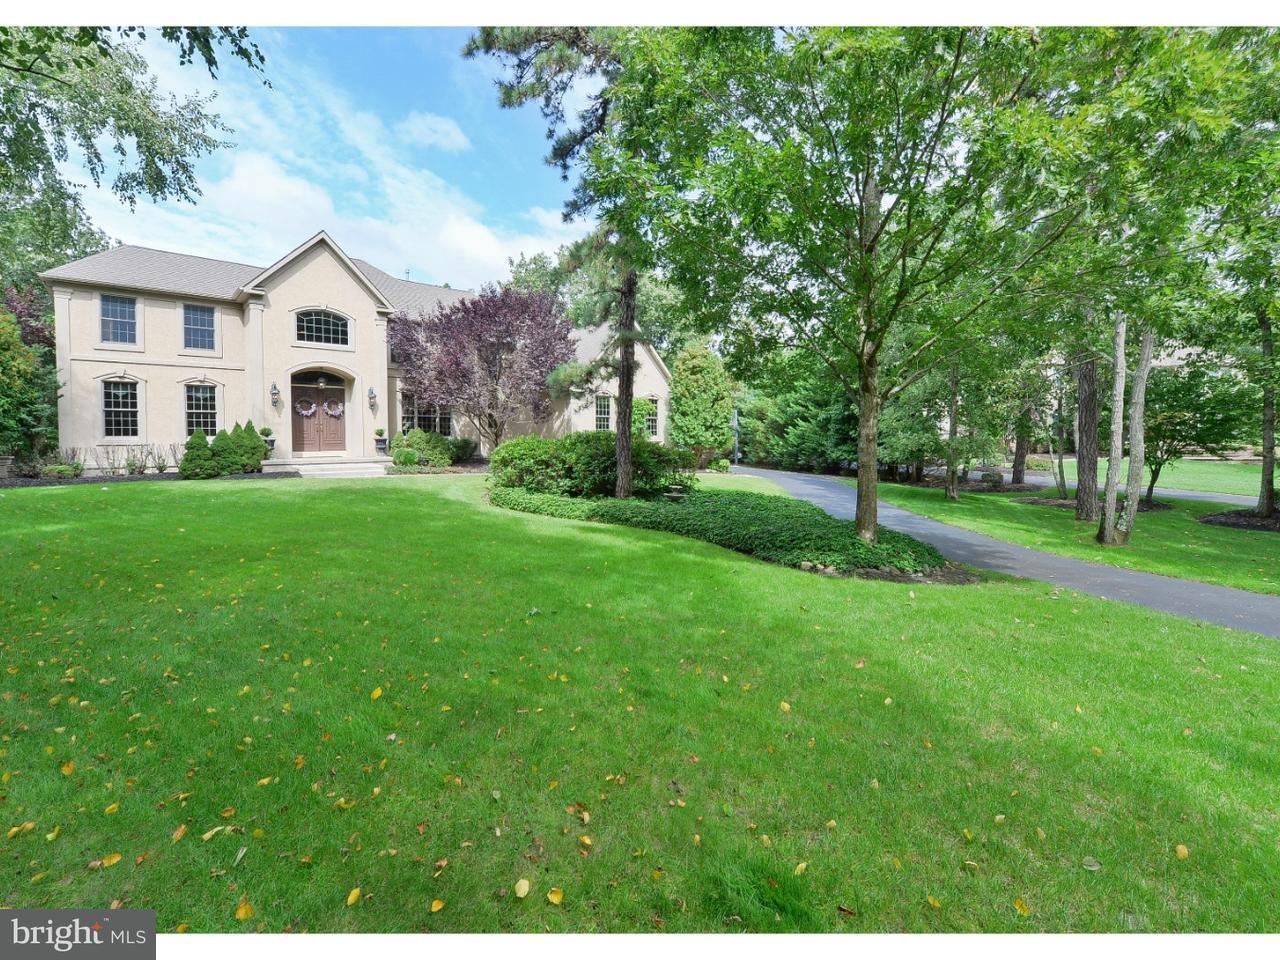 Casa Unifamiliar por un Venta en 9 WATERLILY Court Medford, Nueva Jersey 08055 Estados Unidos